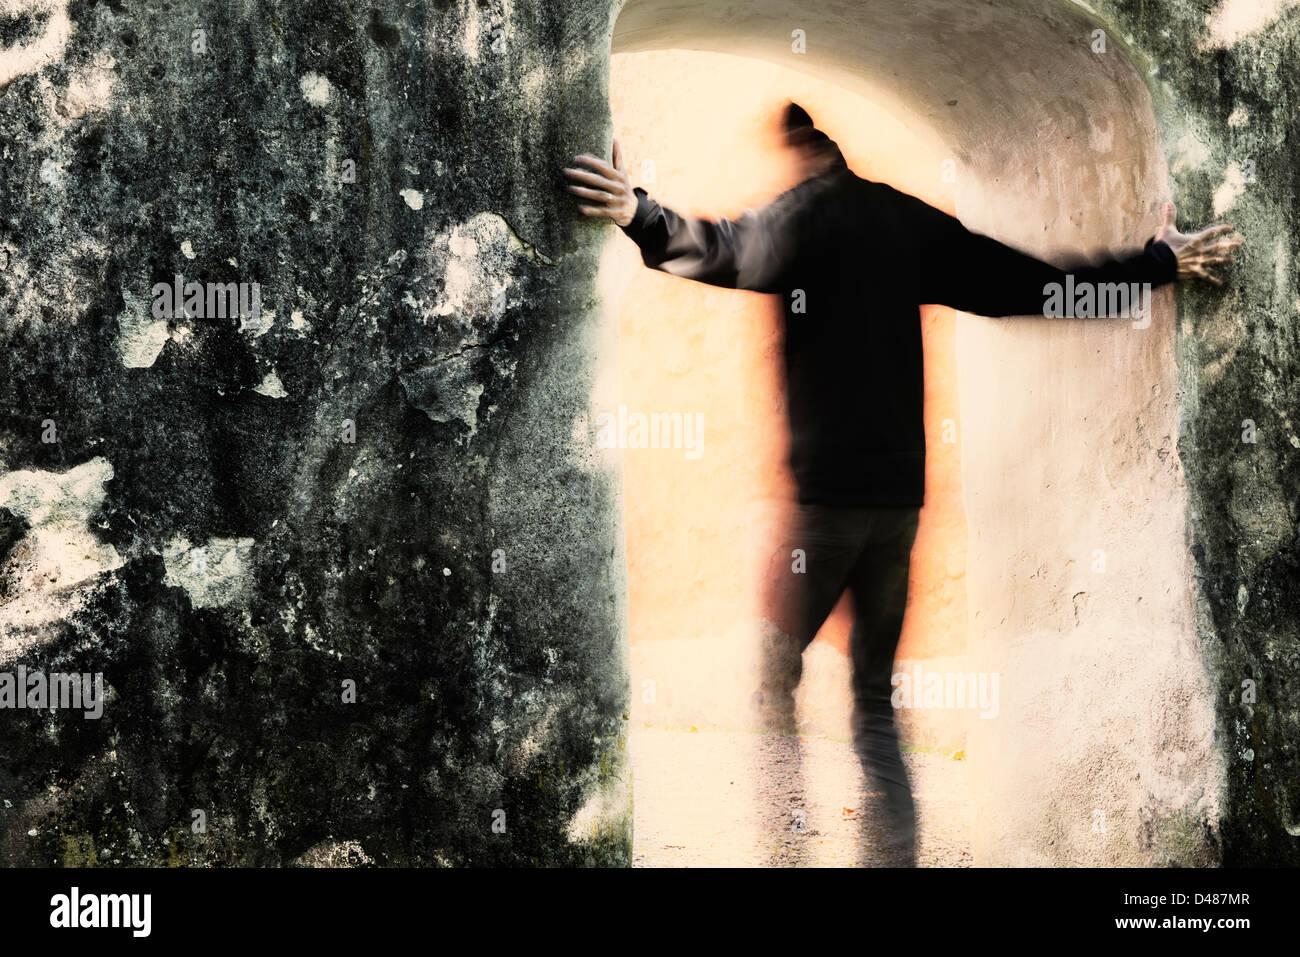 Adulto maschio muovendosi da tenebre in luce attraverso il portale. Egli è in possesso al muro di pietra. Immagini Stock